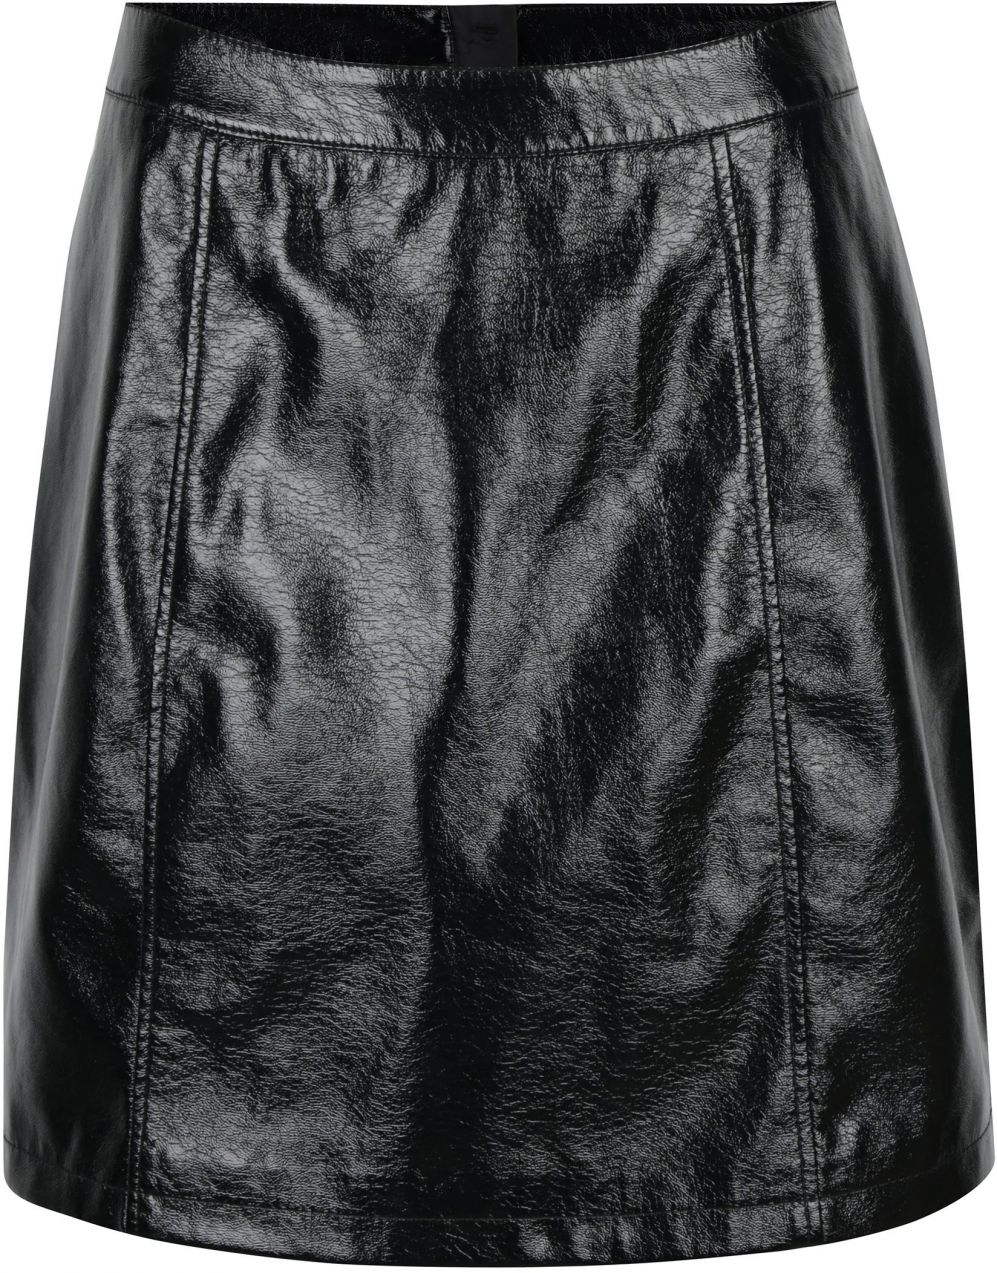 Čierna lesklá koženková sukňa VERO MODA Shine značky Vero Moda - Lovely.sk 5c20023012